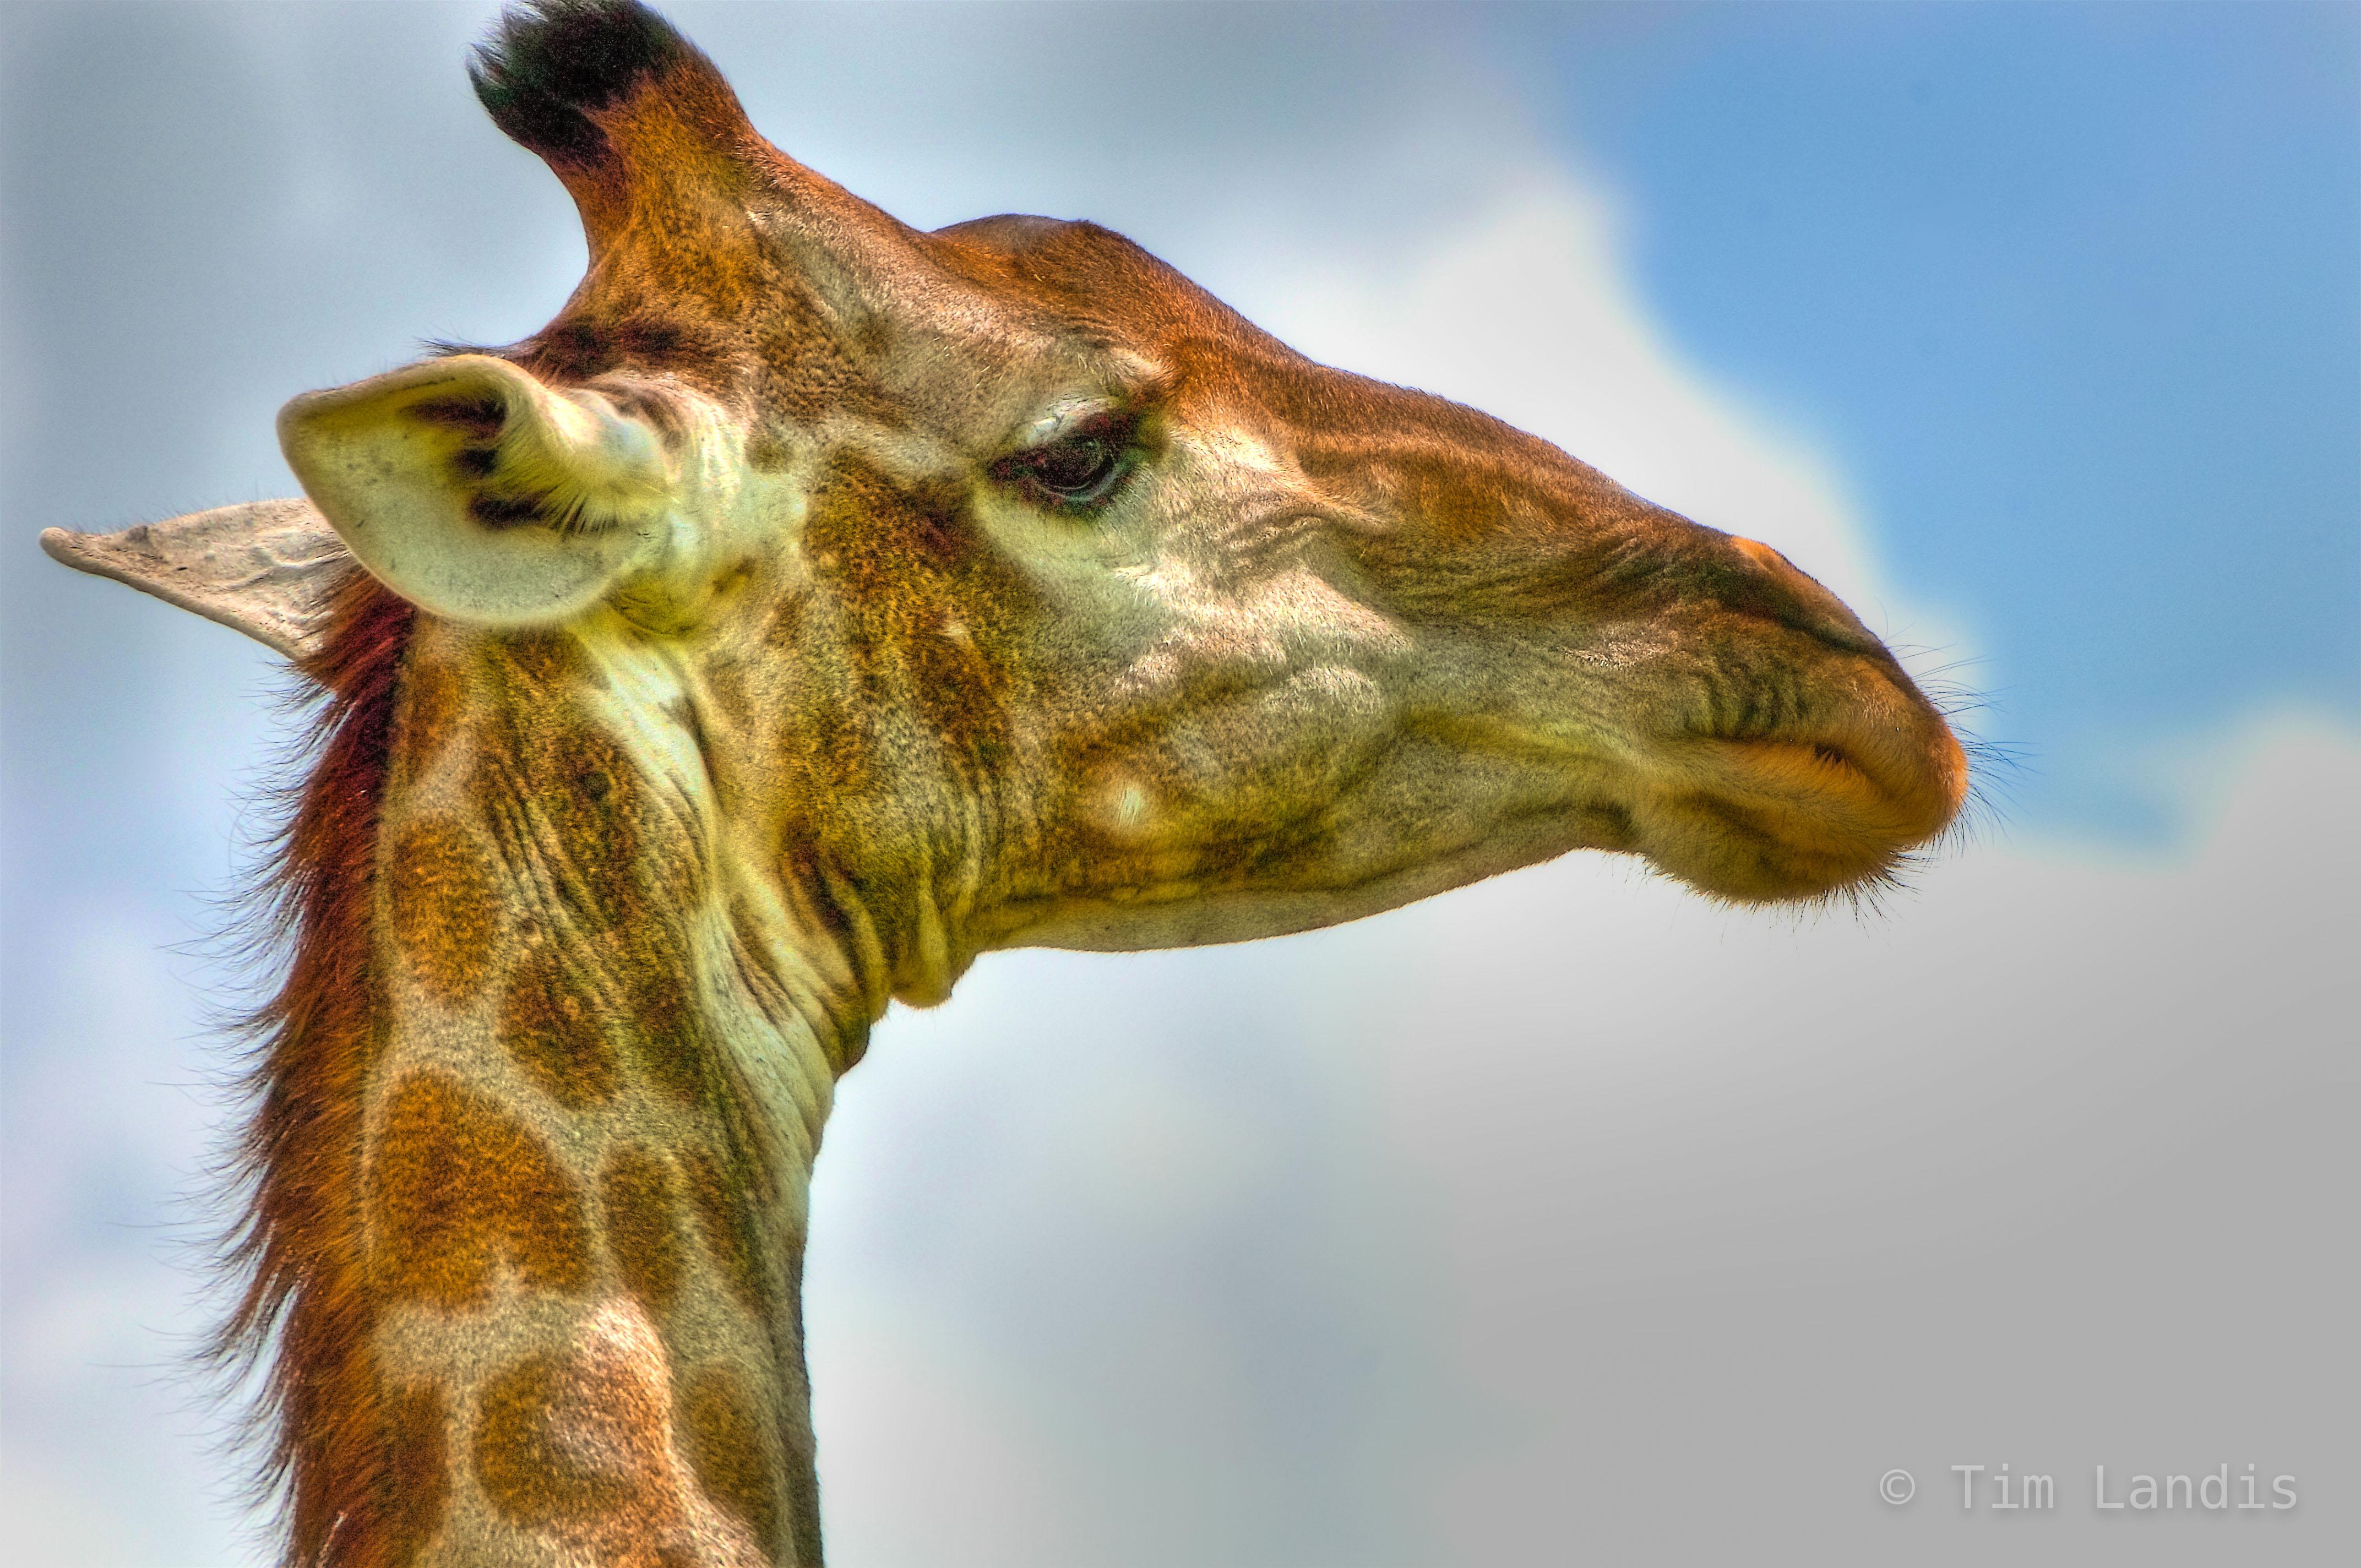 giraffe portrait, photo